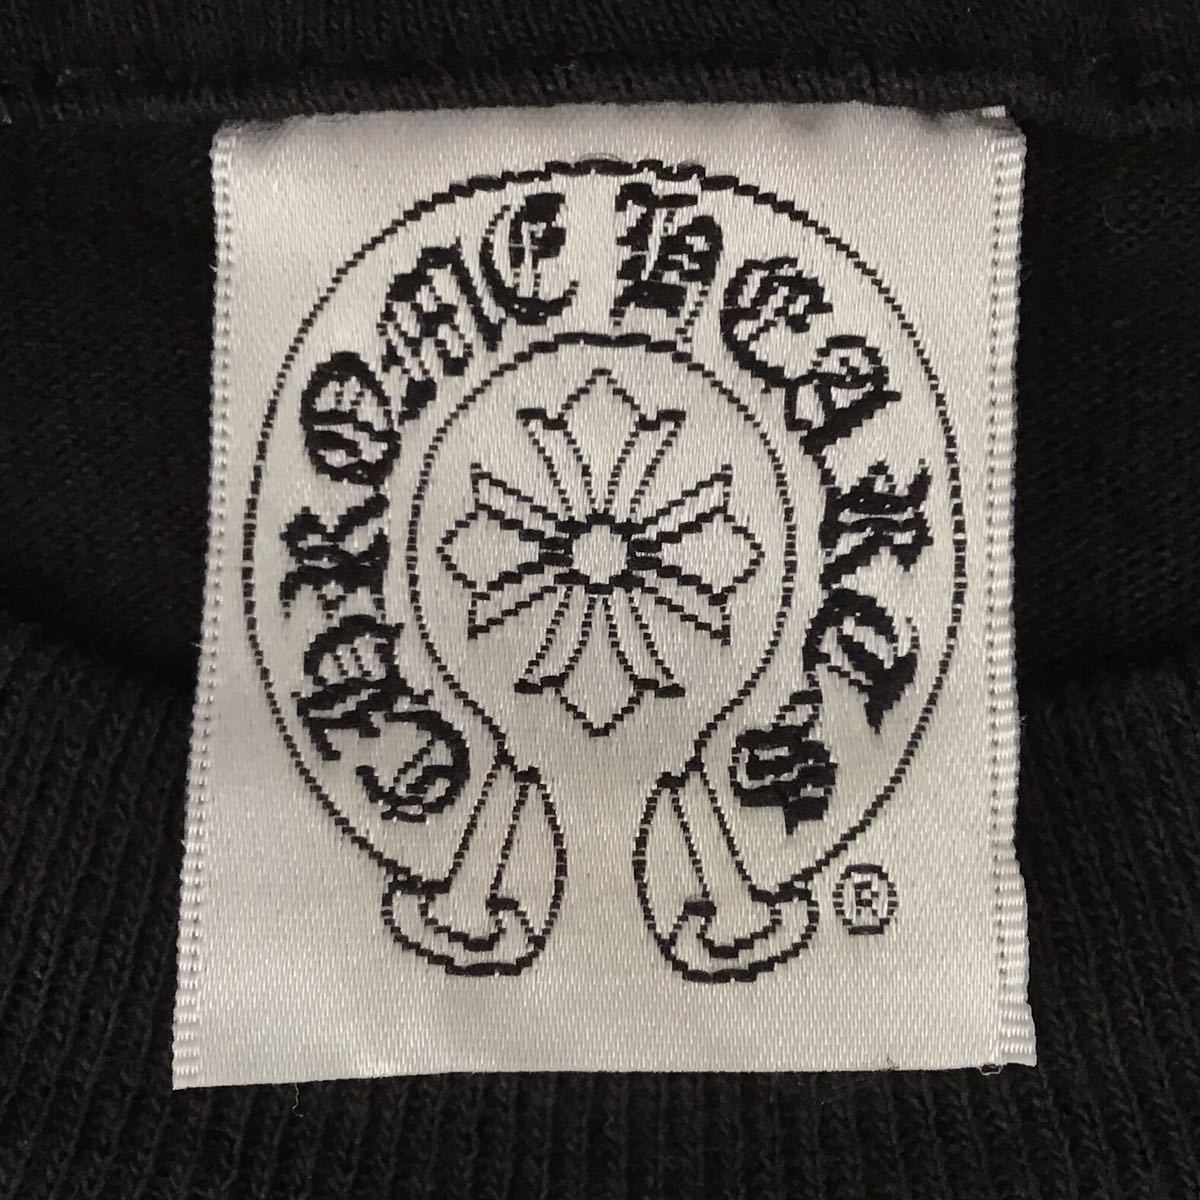 ★激レア★ Chrome Hearts × bape Tシャツ Sサイズ a bathing ape クロムハーツ エイプ ベイプ アベイシングエイプ milo マイロ nigo ss1